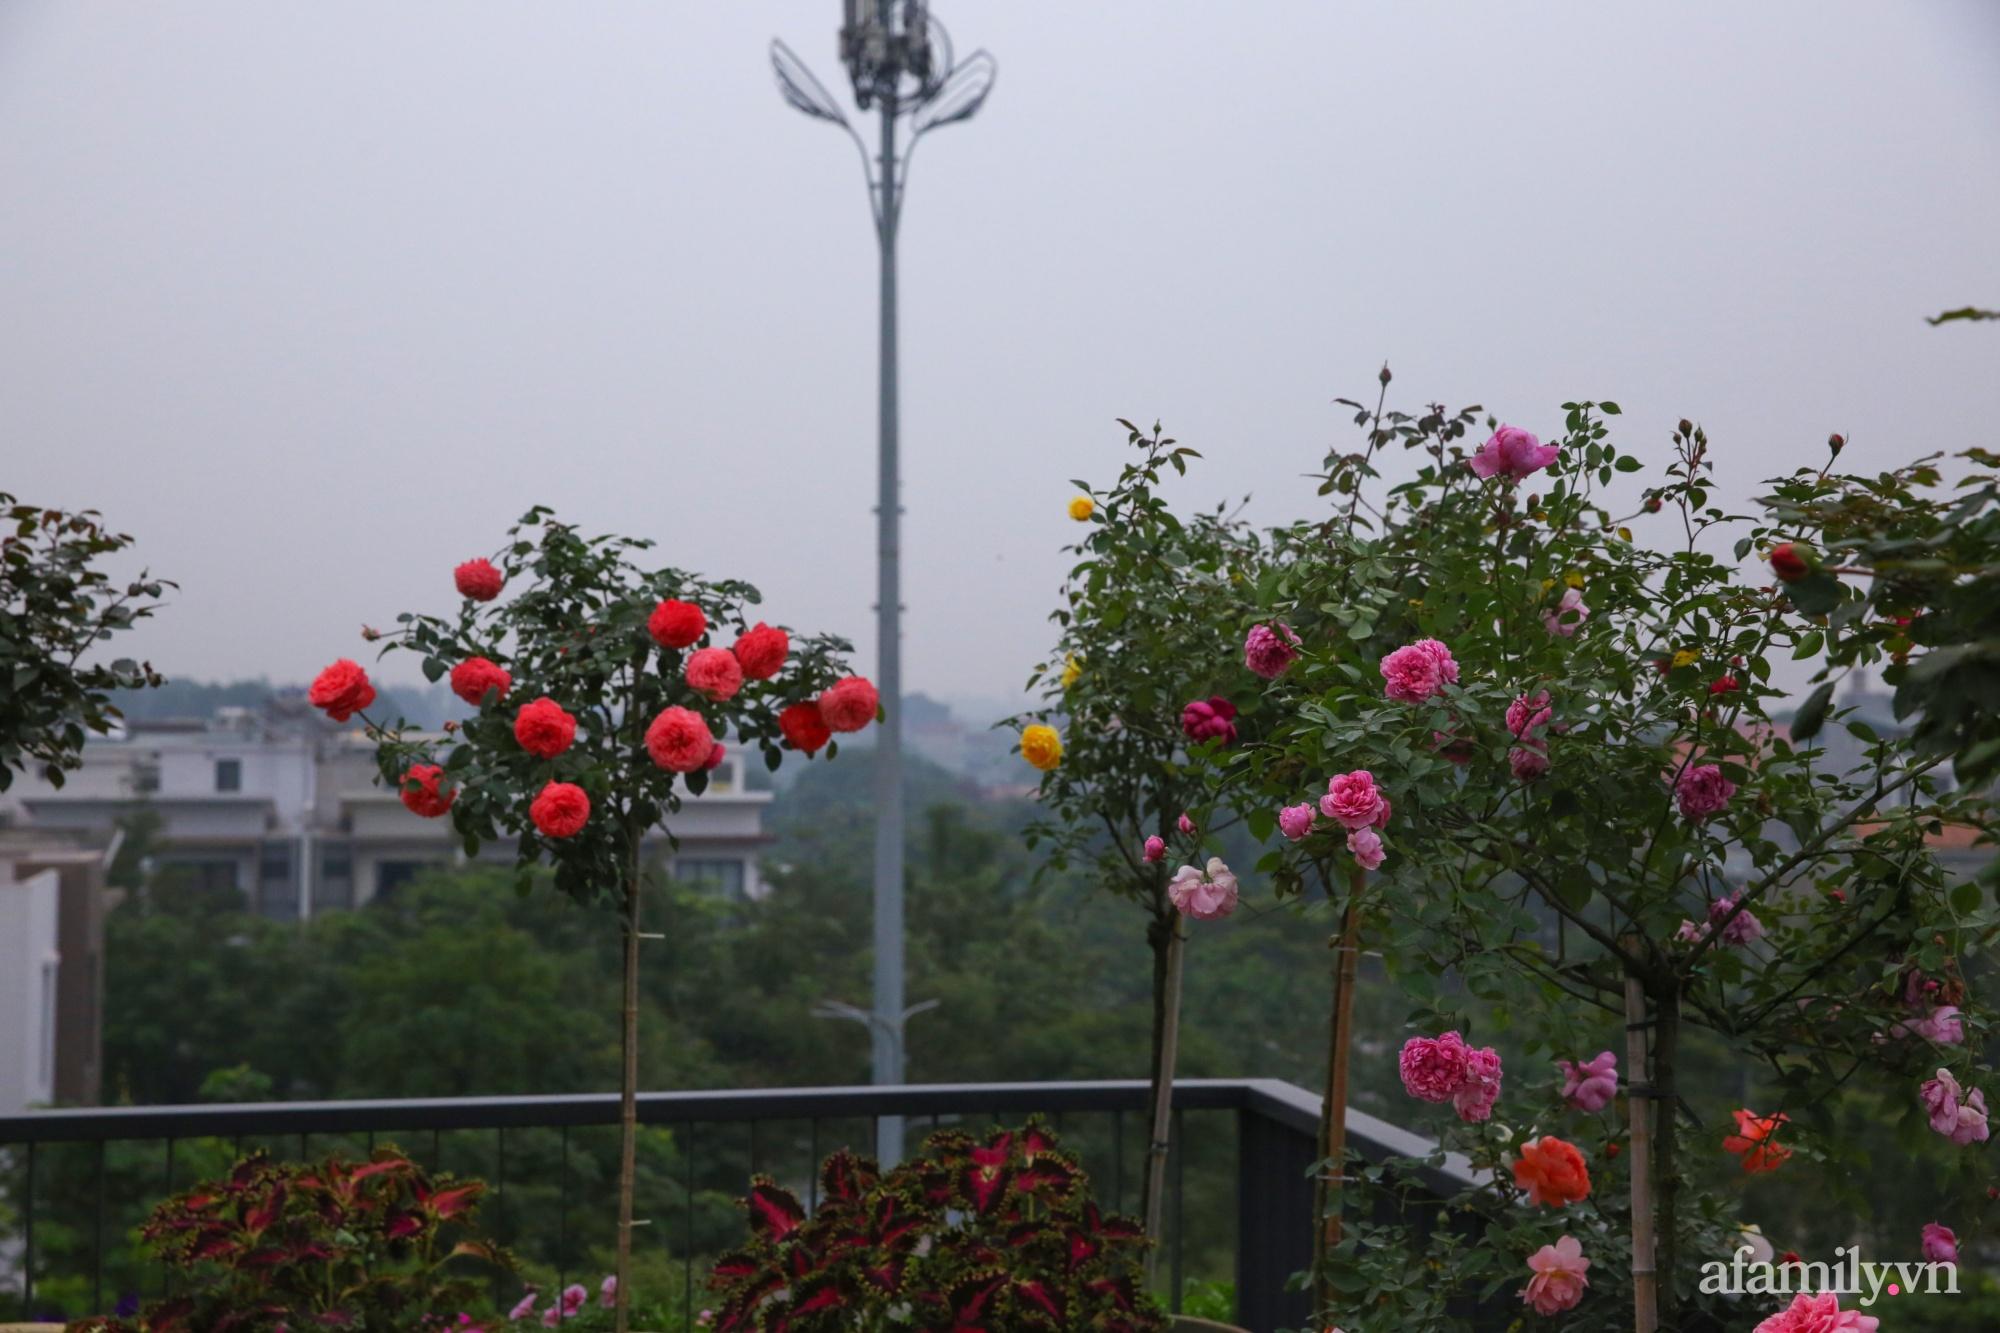 Kinh nghiệm trồng dạ yến thảo nở rực rỡ đủ sắc màu phủ kín mặt tiền nhà phố Hà Nội - Ảnh 16.